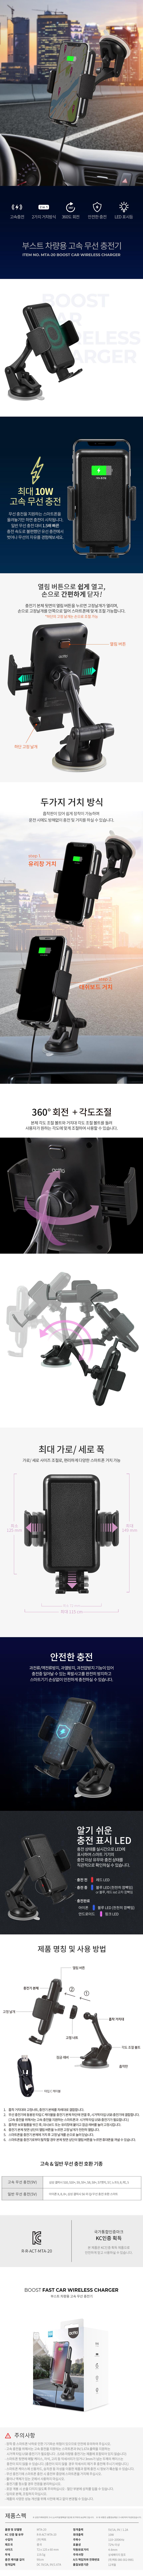 엑토 부스트 차량용 고속 무선 충전 거치대 MTA-20 - 엑토, 43,600원, 충전기, 차량용충전기(시거잭)